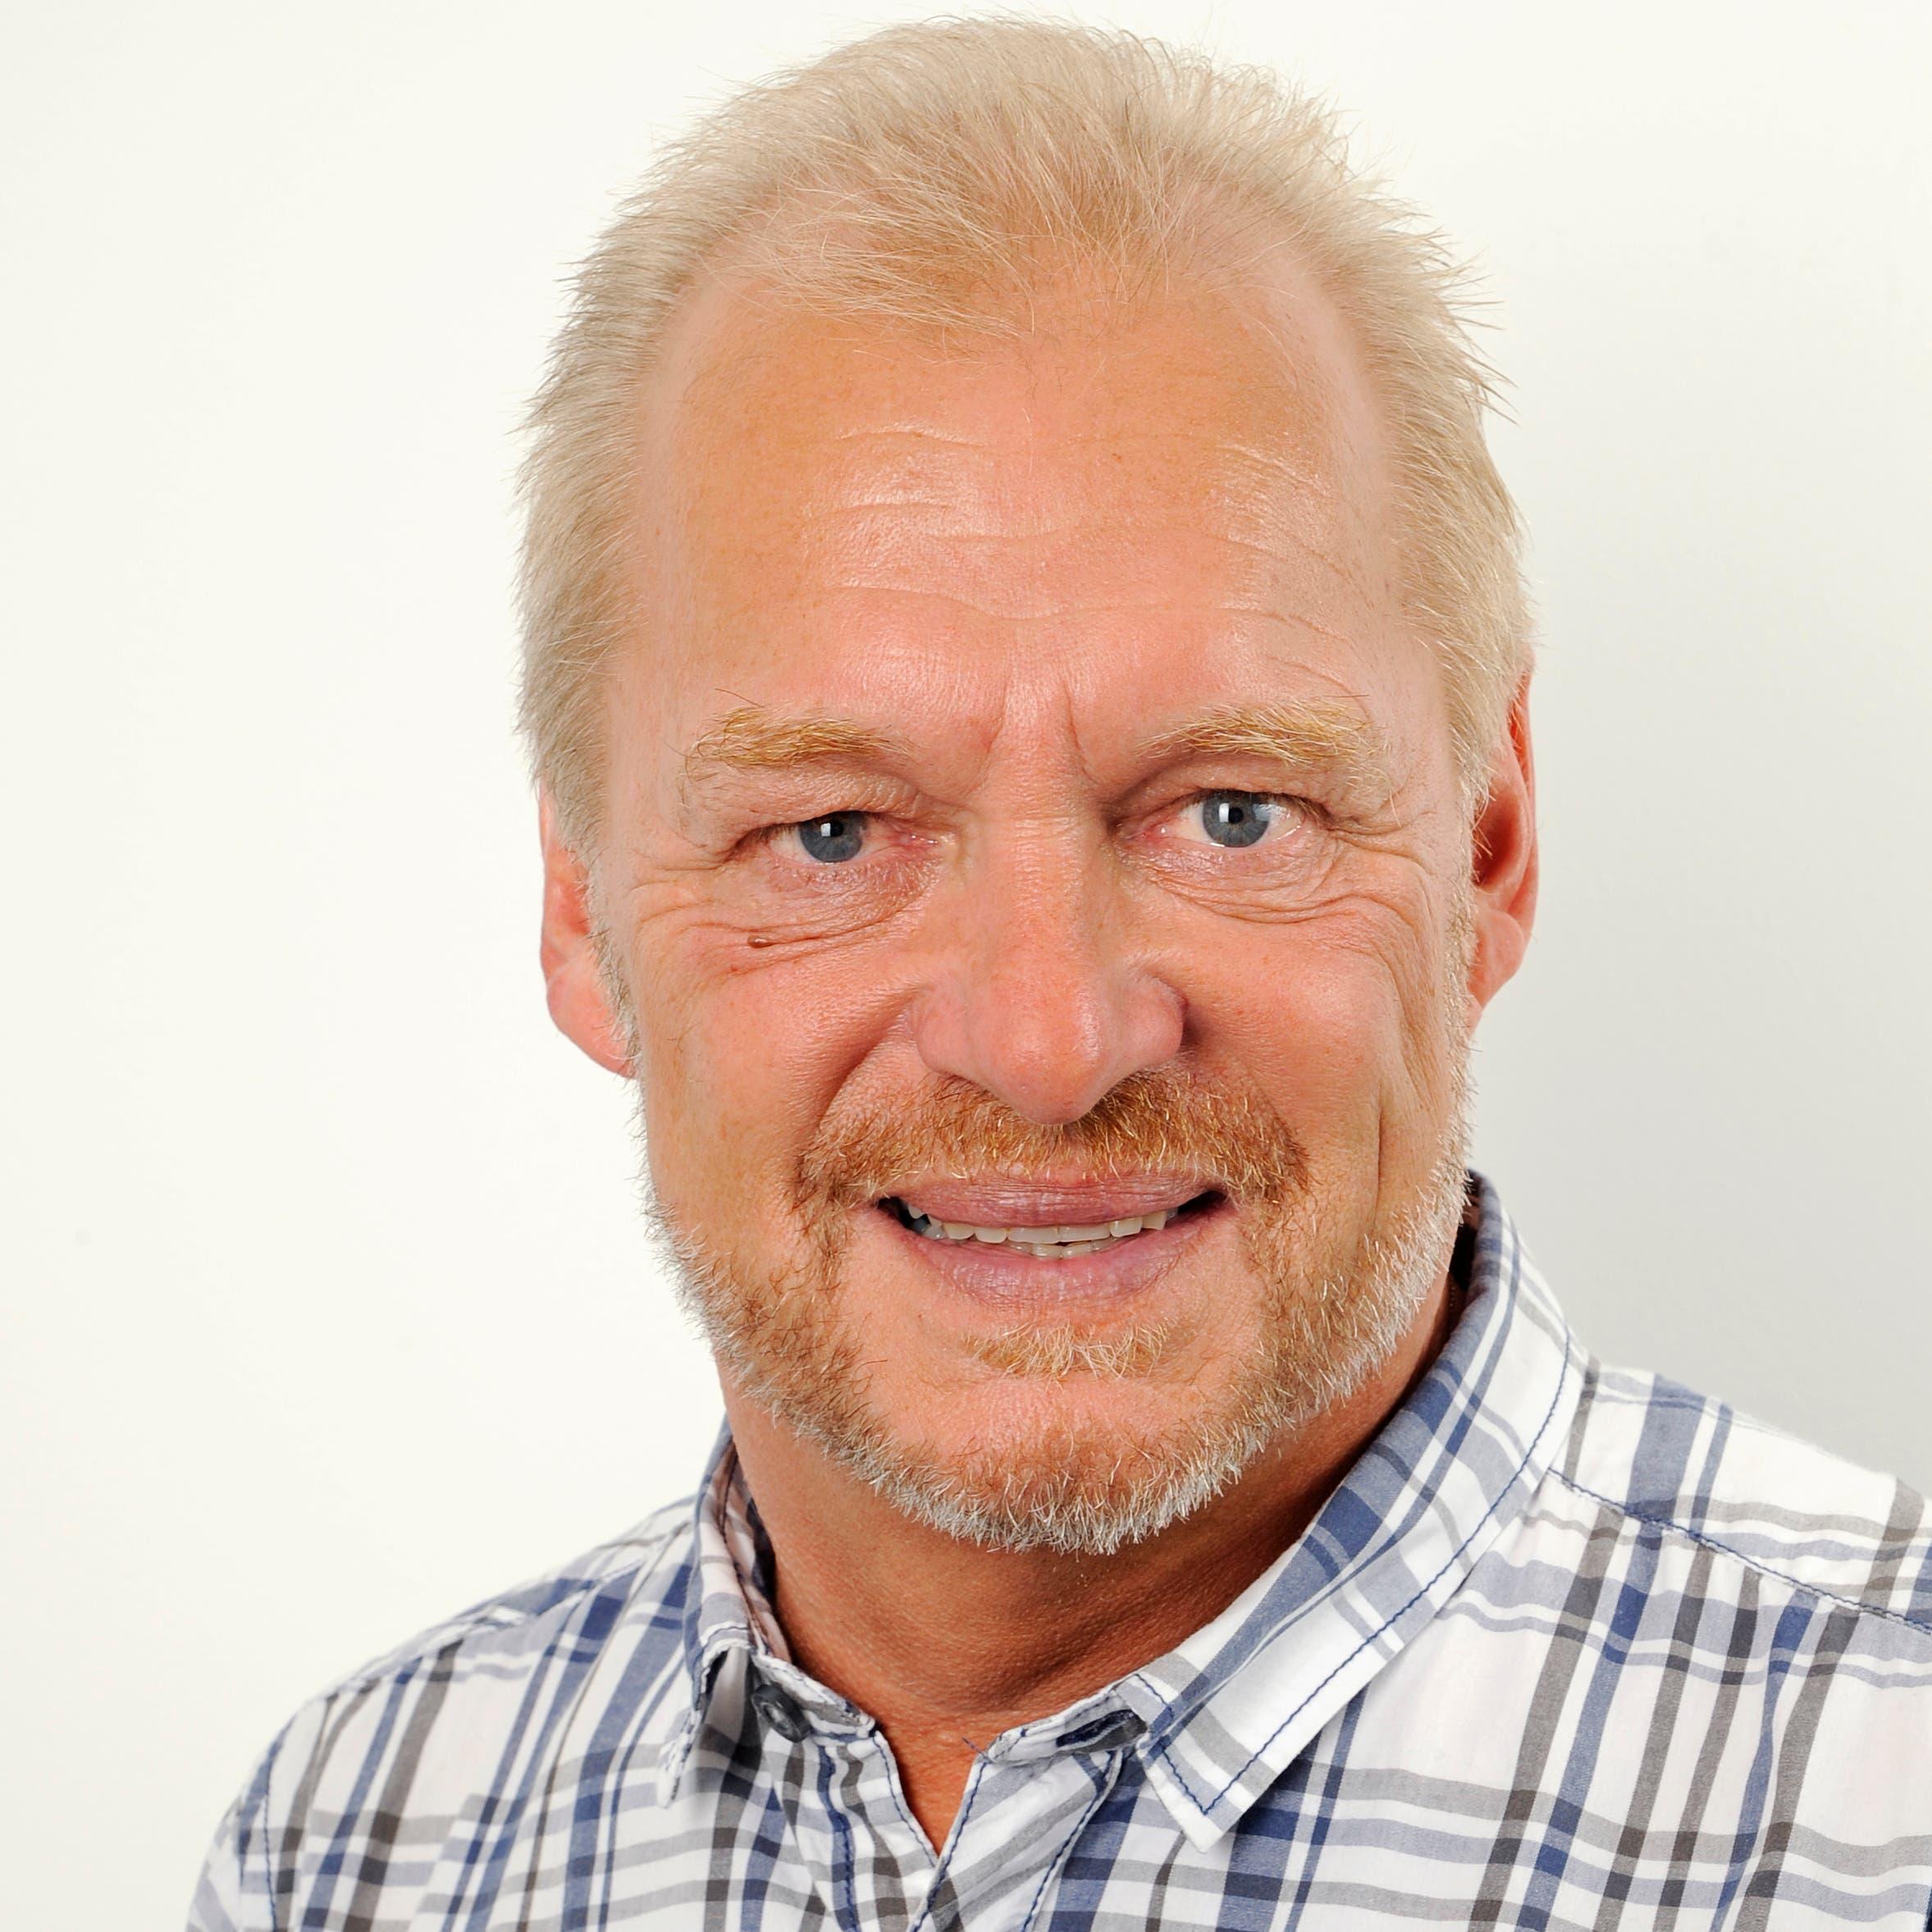 Gewählt: Rolf Graf, FDP (bisher), Ressort Bildung